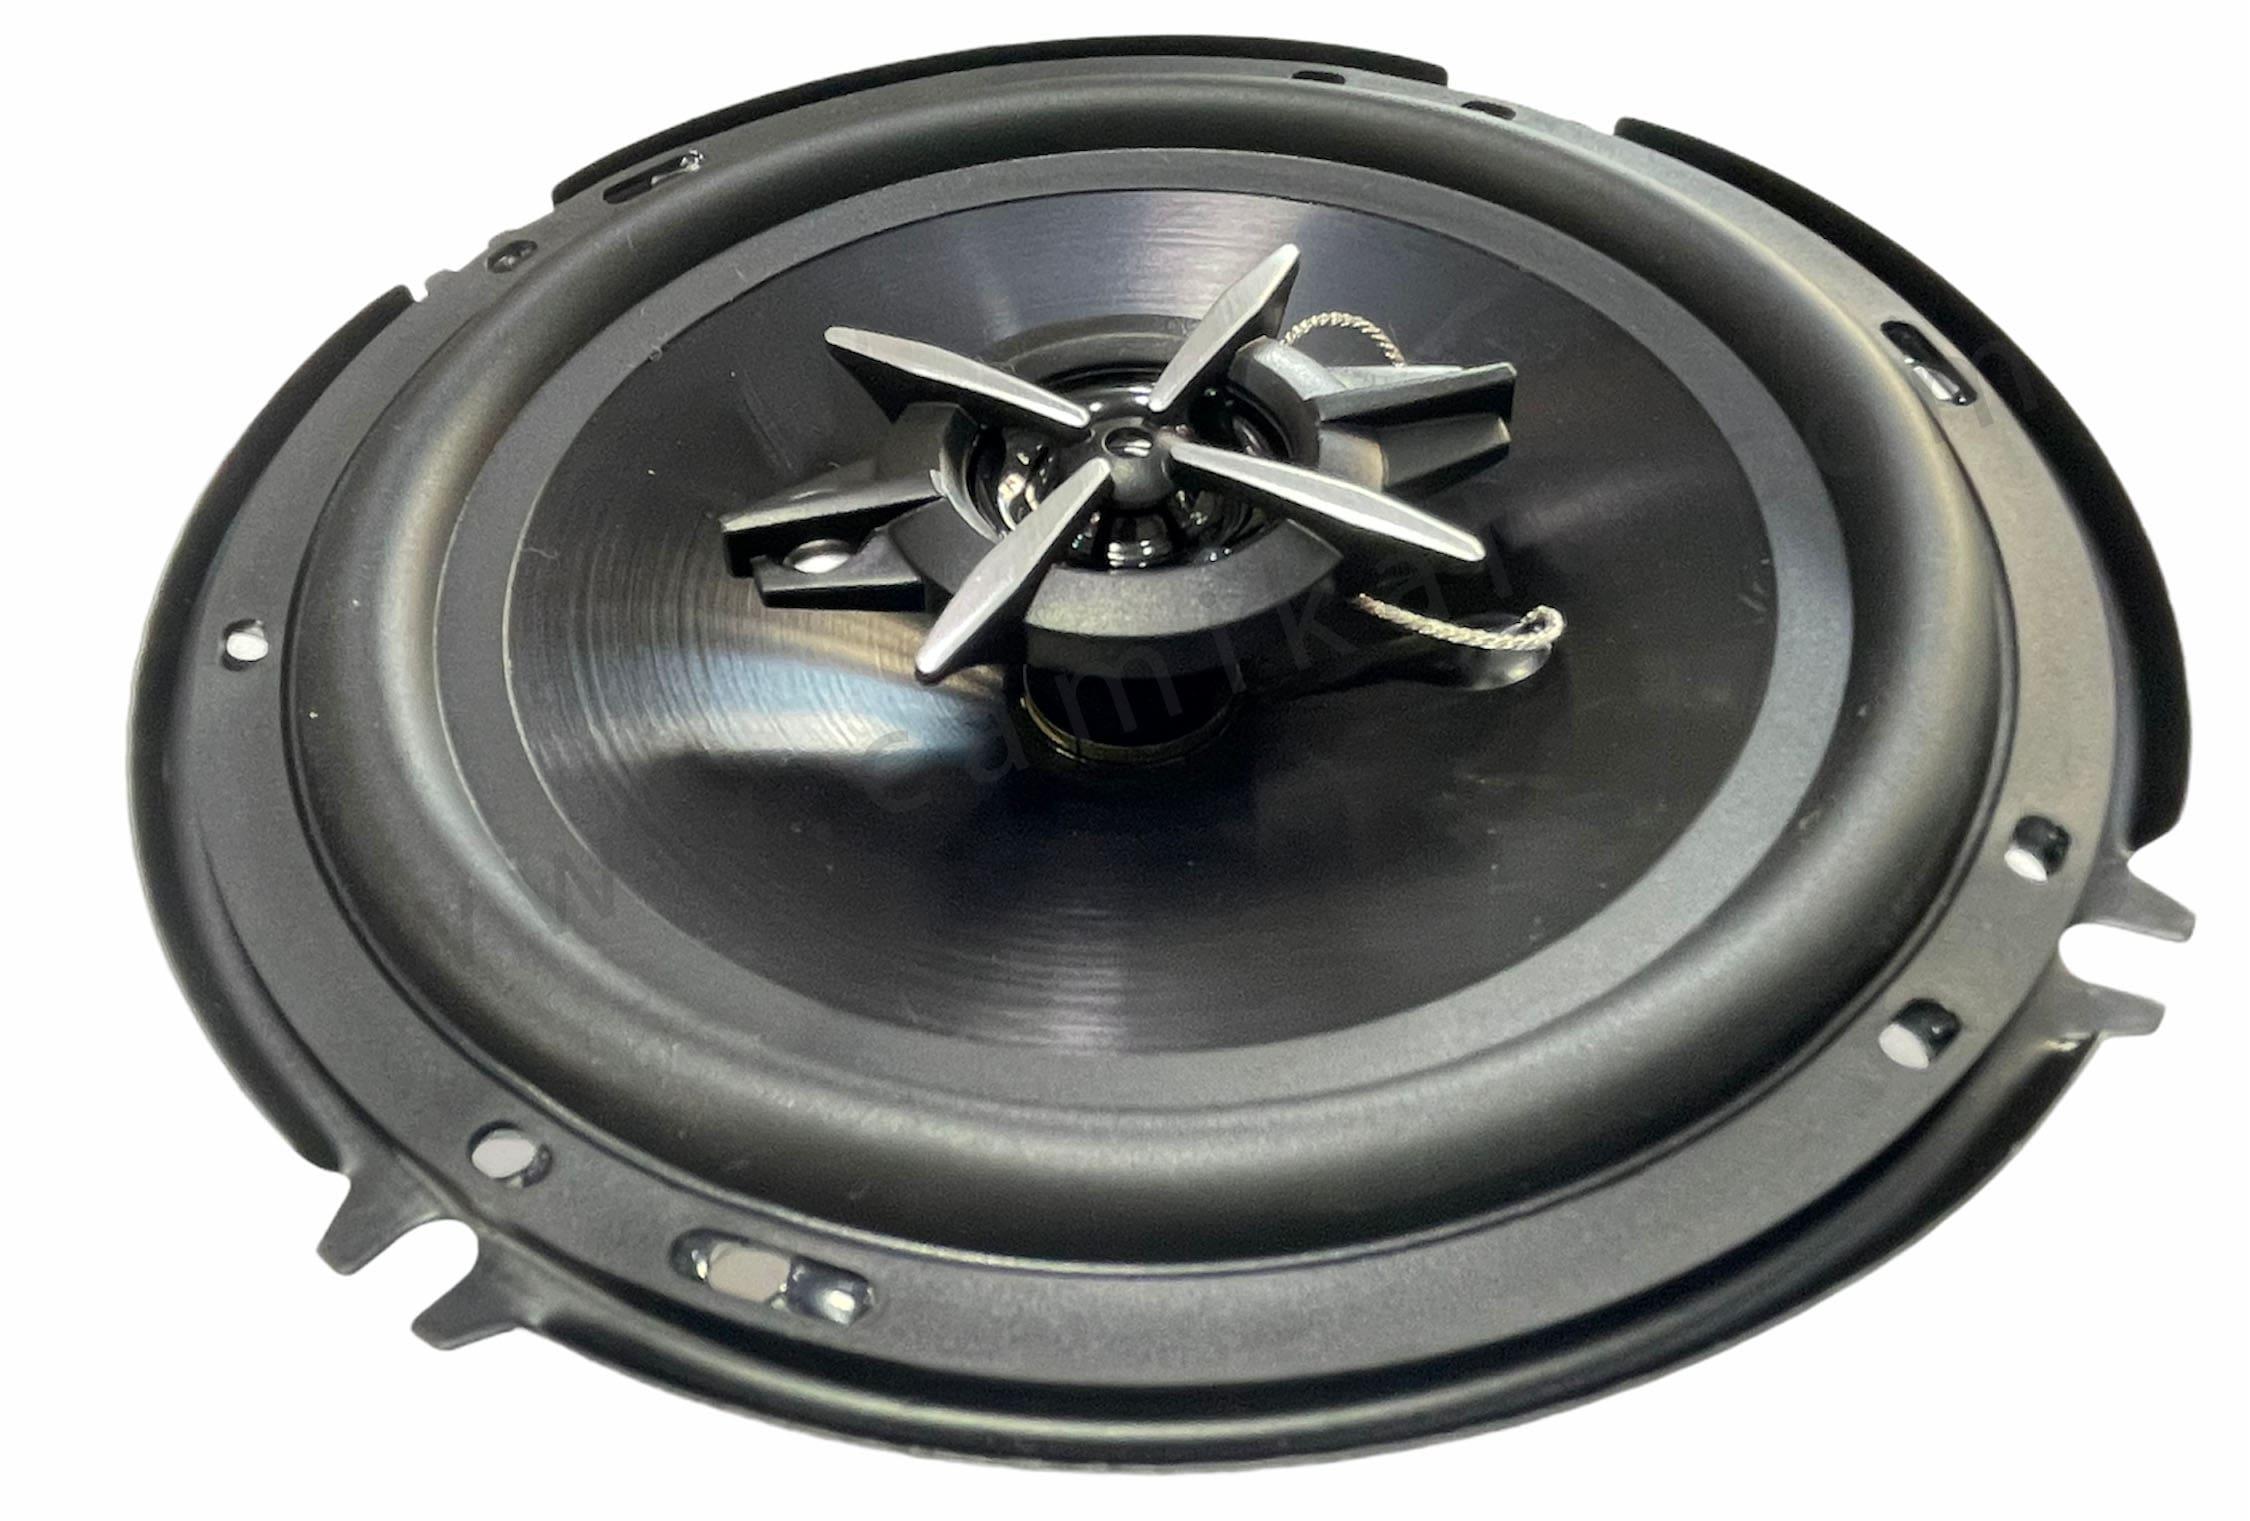 اسپیکر دایره ای سونی مدل Speaker SONY SX-FB1630